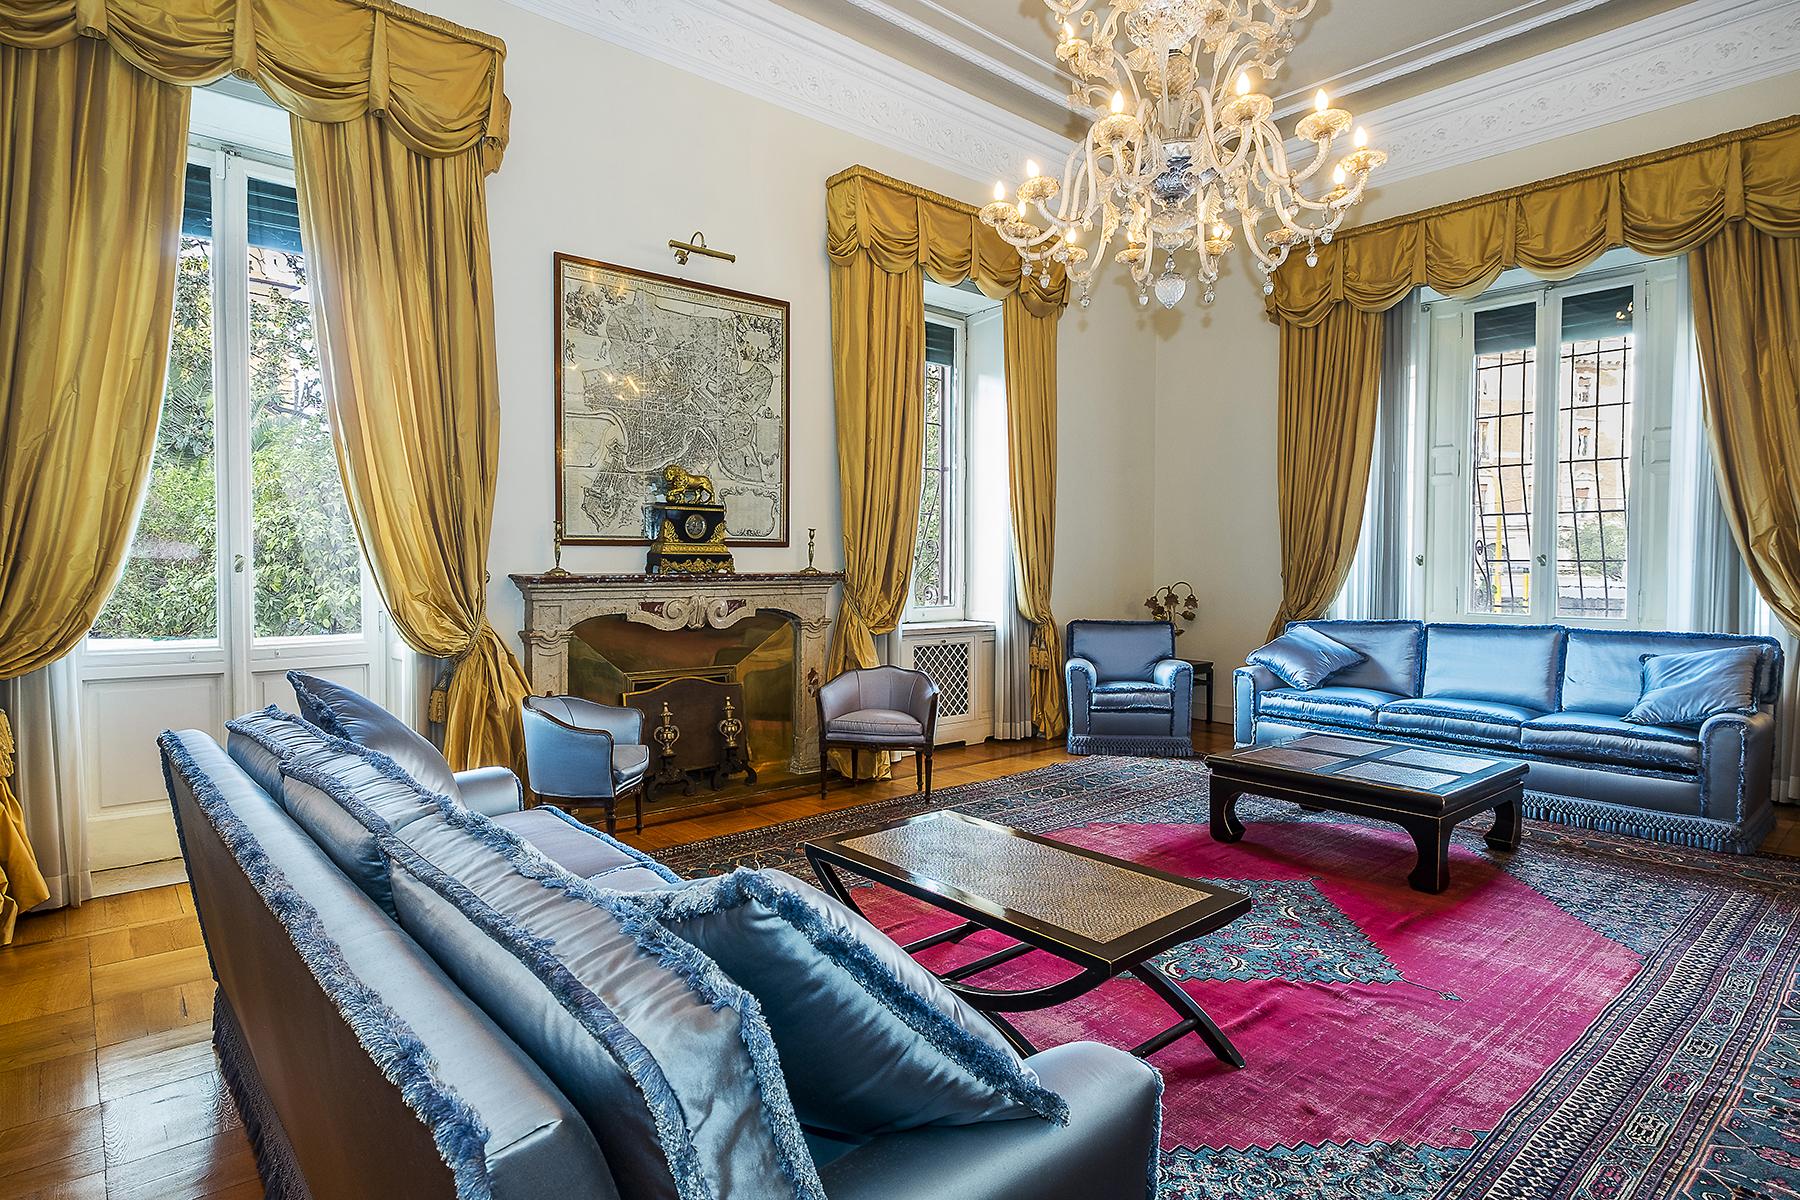 Immobili di lusso a roma trovocasa pregio for Ville lussuose interni